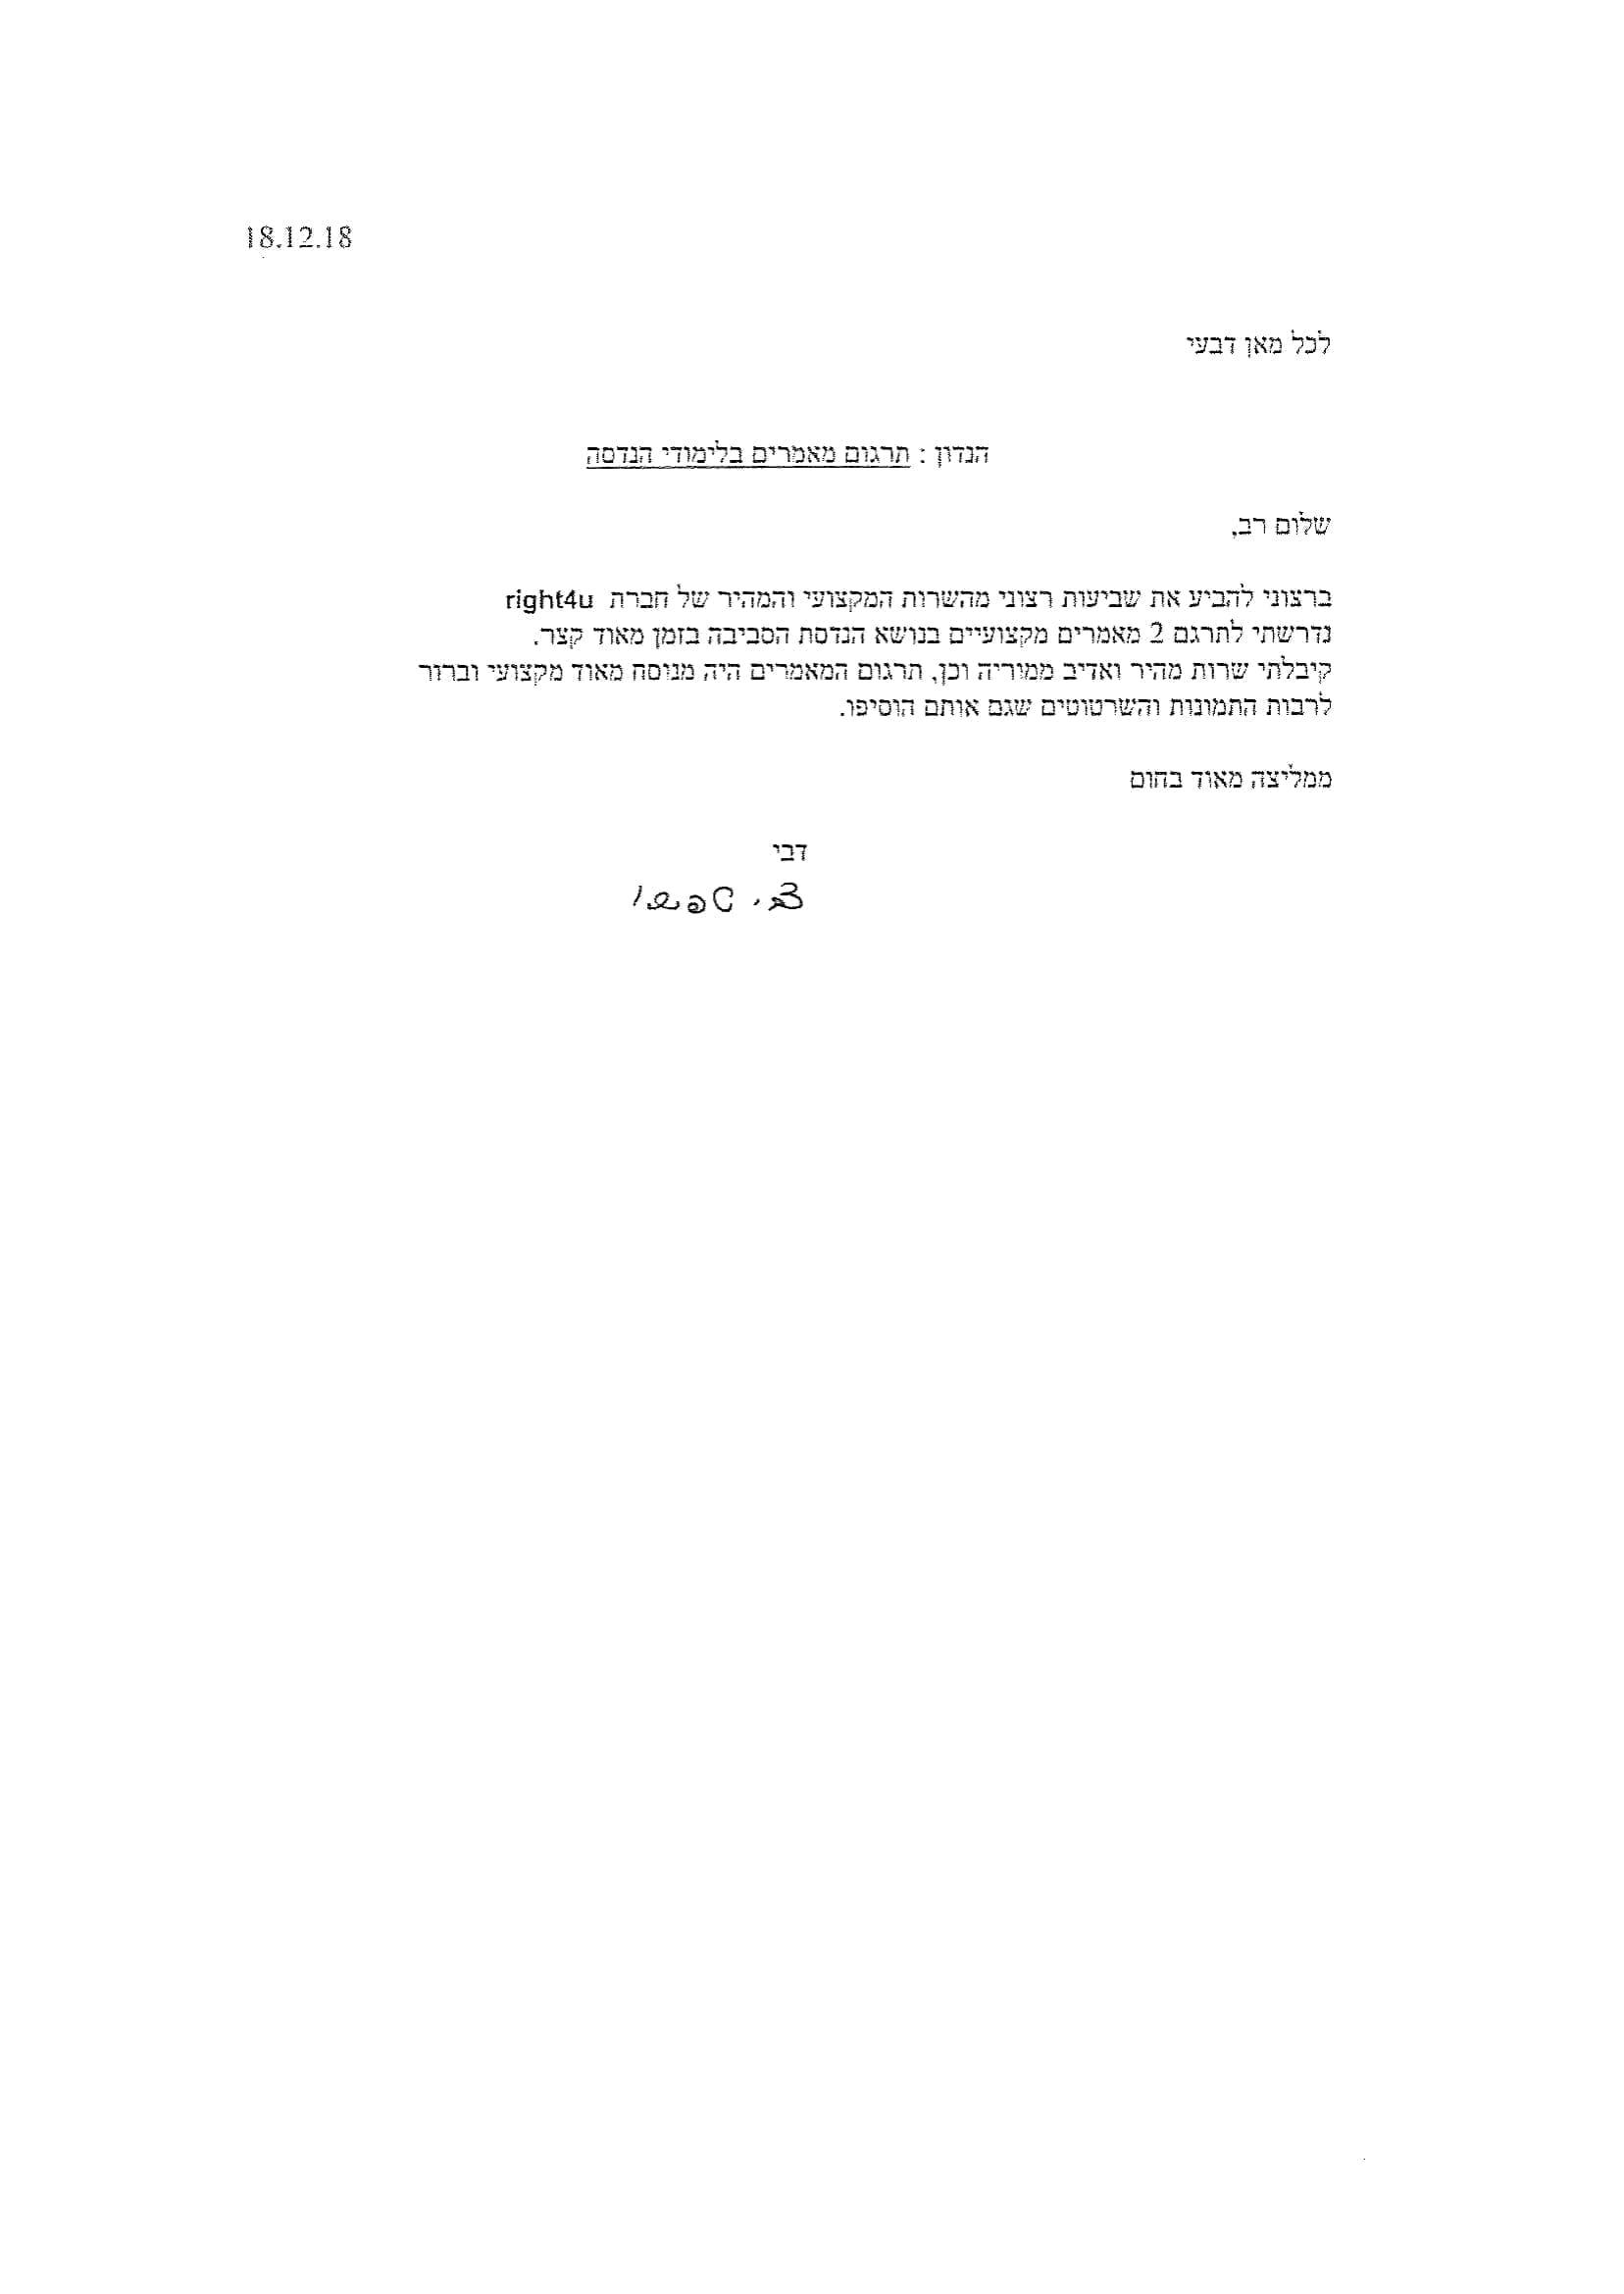 מכתב המלצה תרגום מאמר דבי